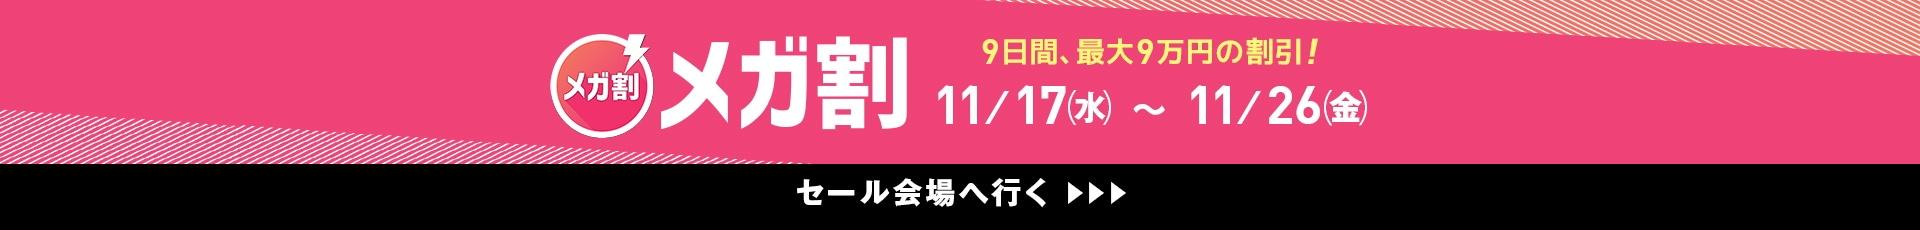 9日間、最大9万円の割引!メガ割